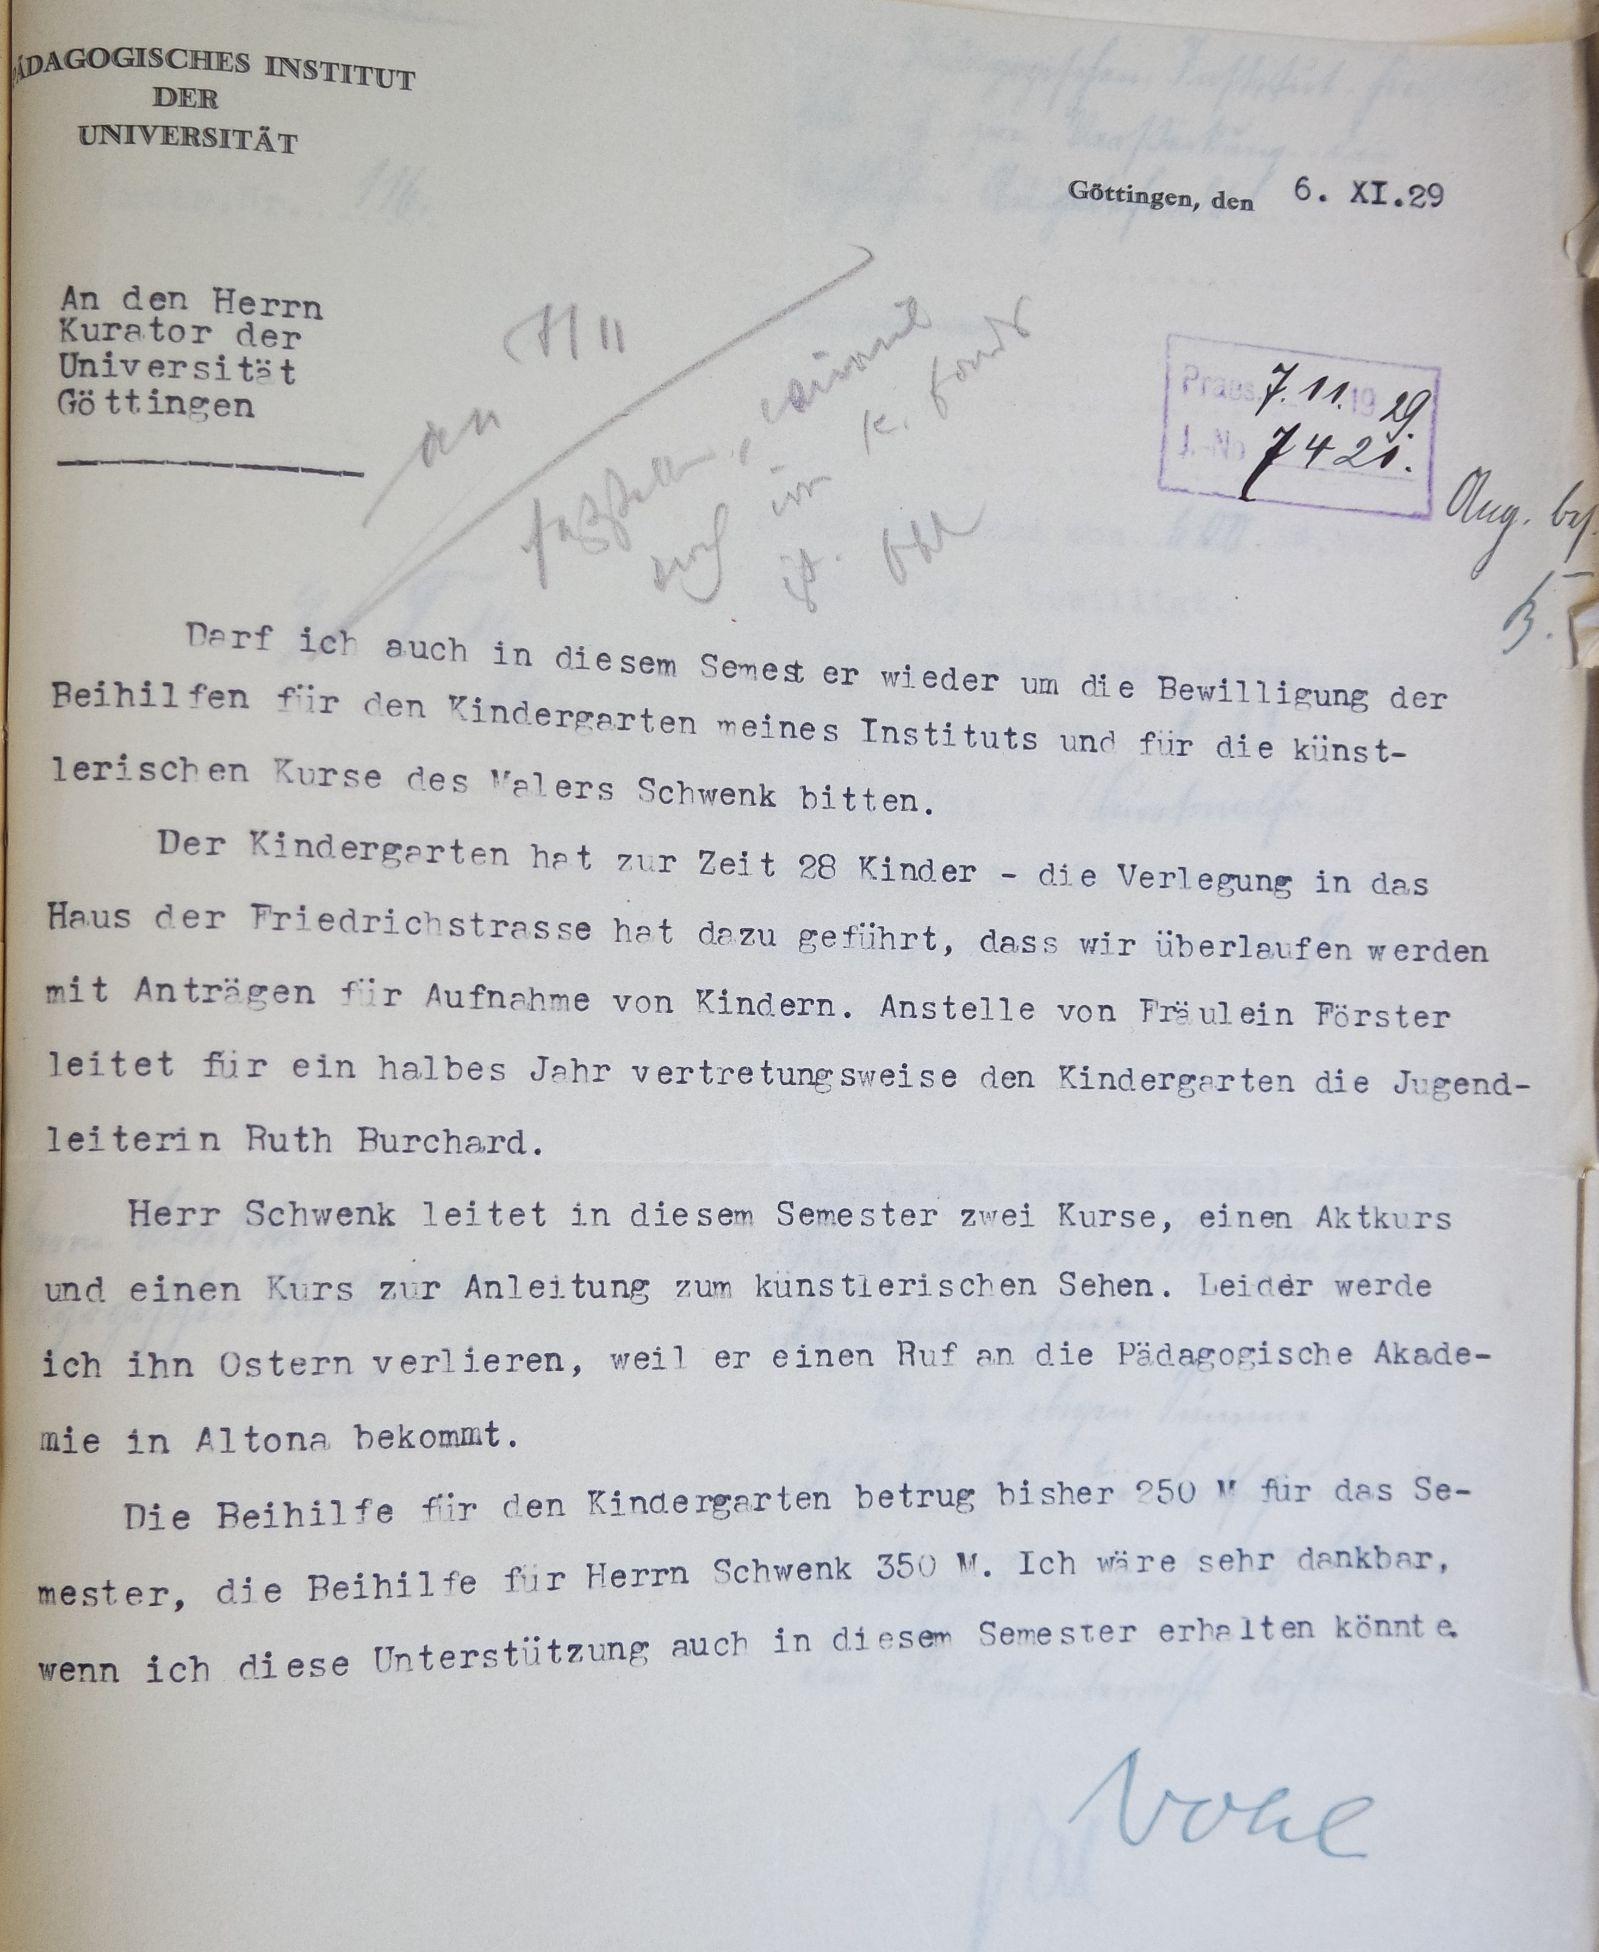 Brief Herman Nohls vom 06.11.1929 an den Kurator der Universität. Quelle: Universitätsarchiv Göttingen: Kur. 1263; unpag.